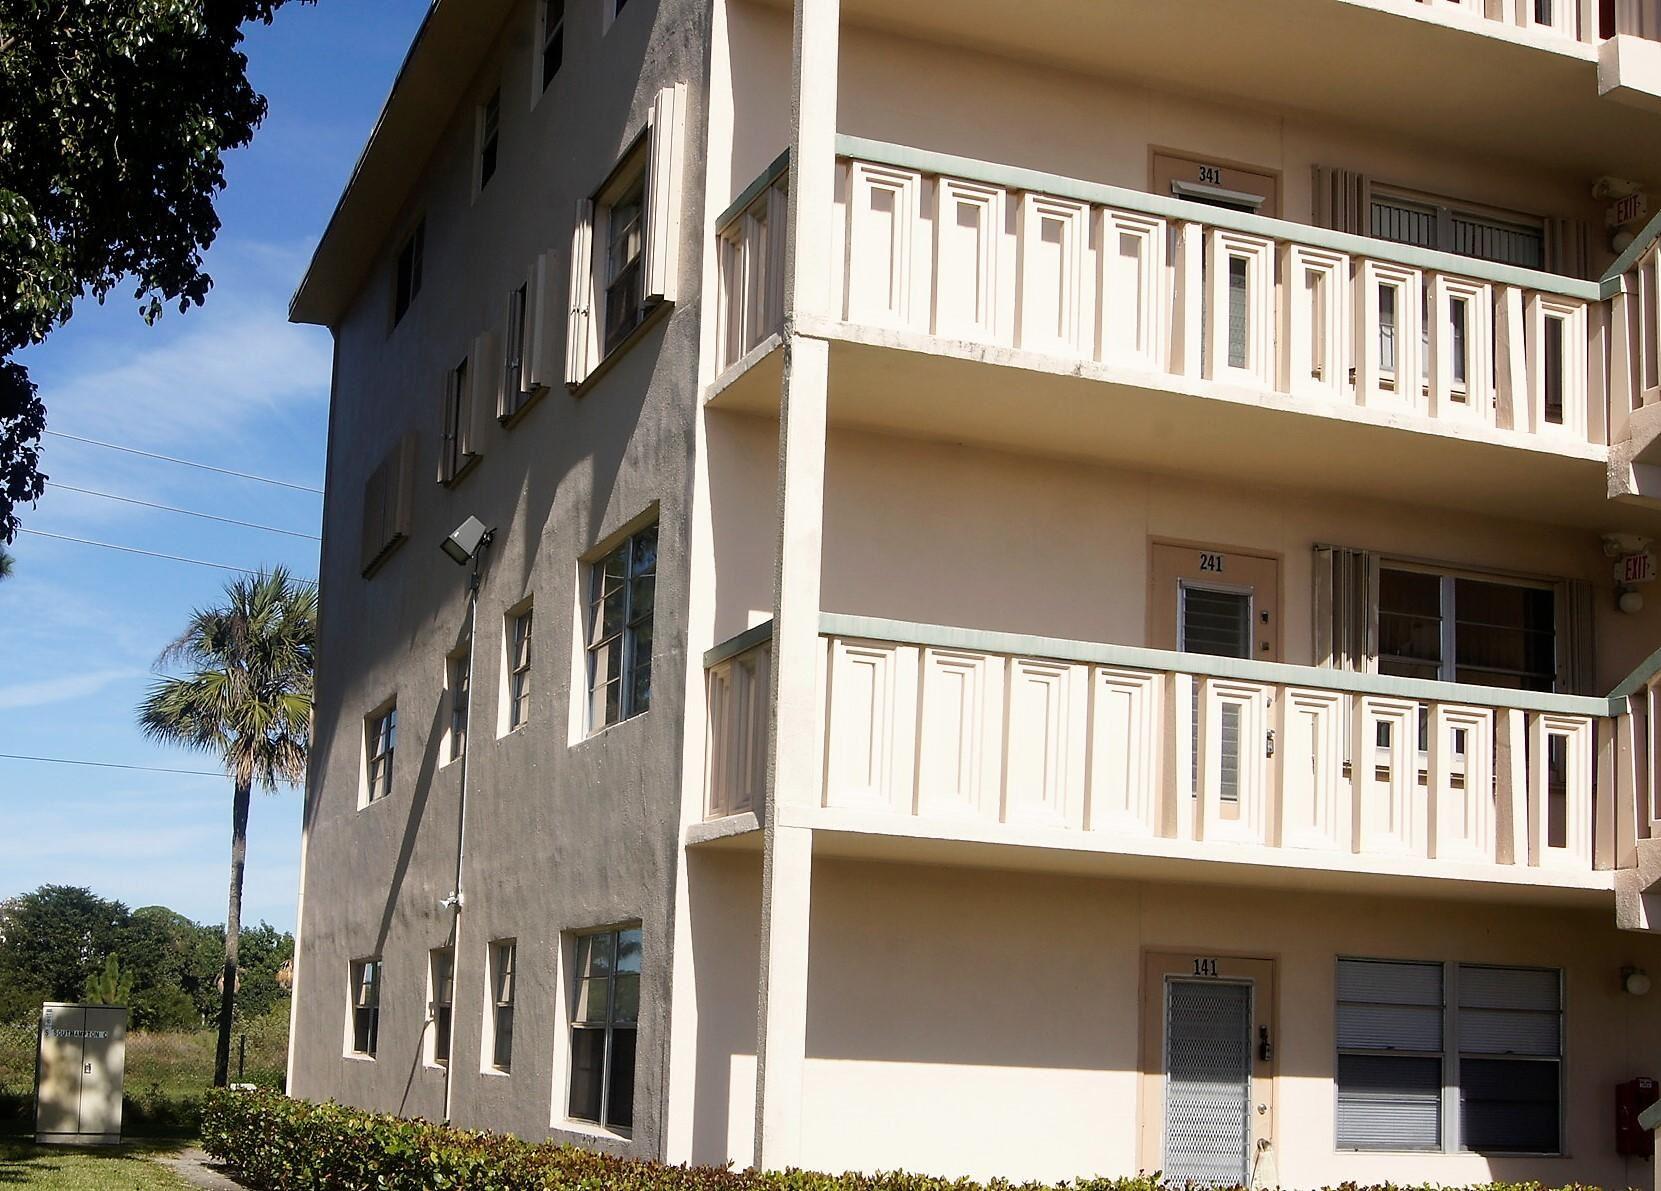 241 Southampton C, West Palm Beach, FL 33417 - #: RX-10574131